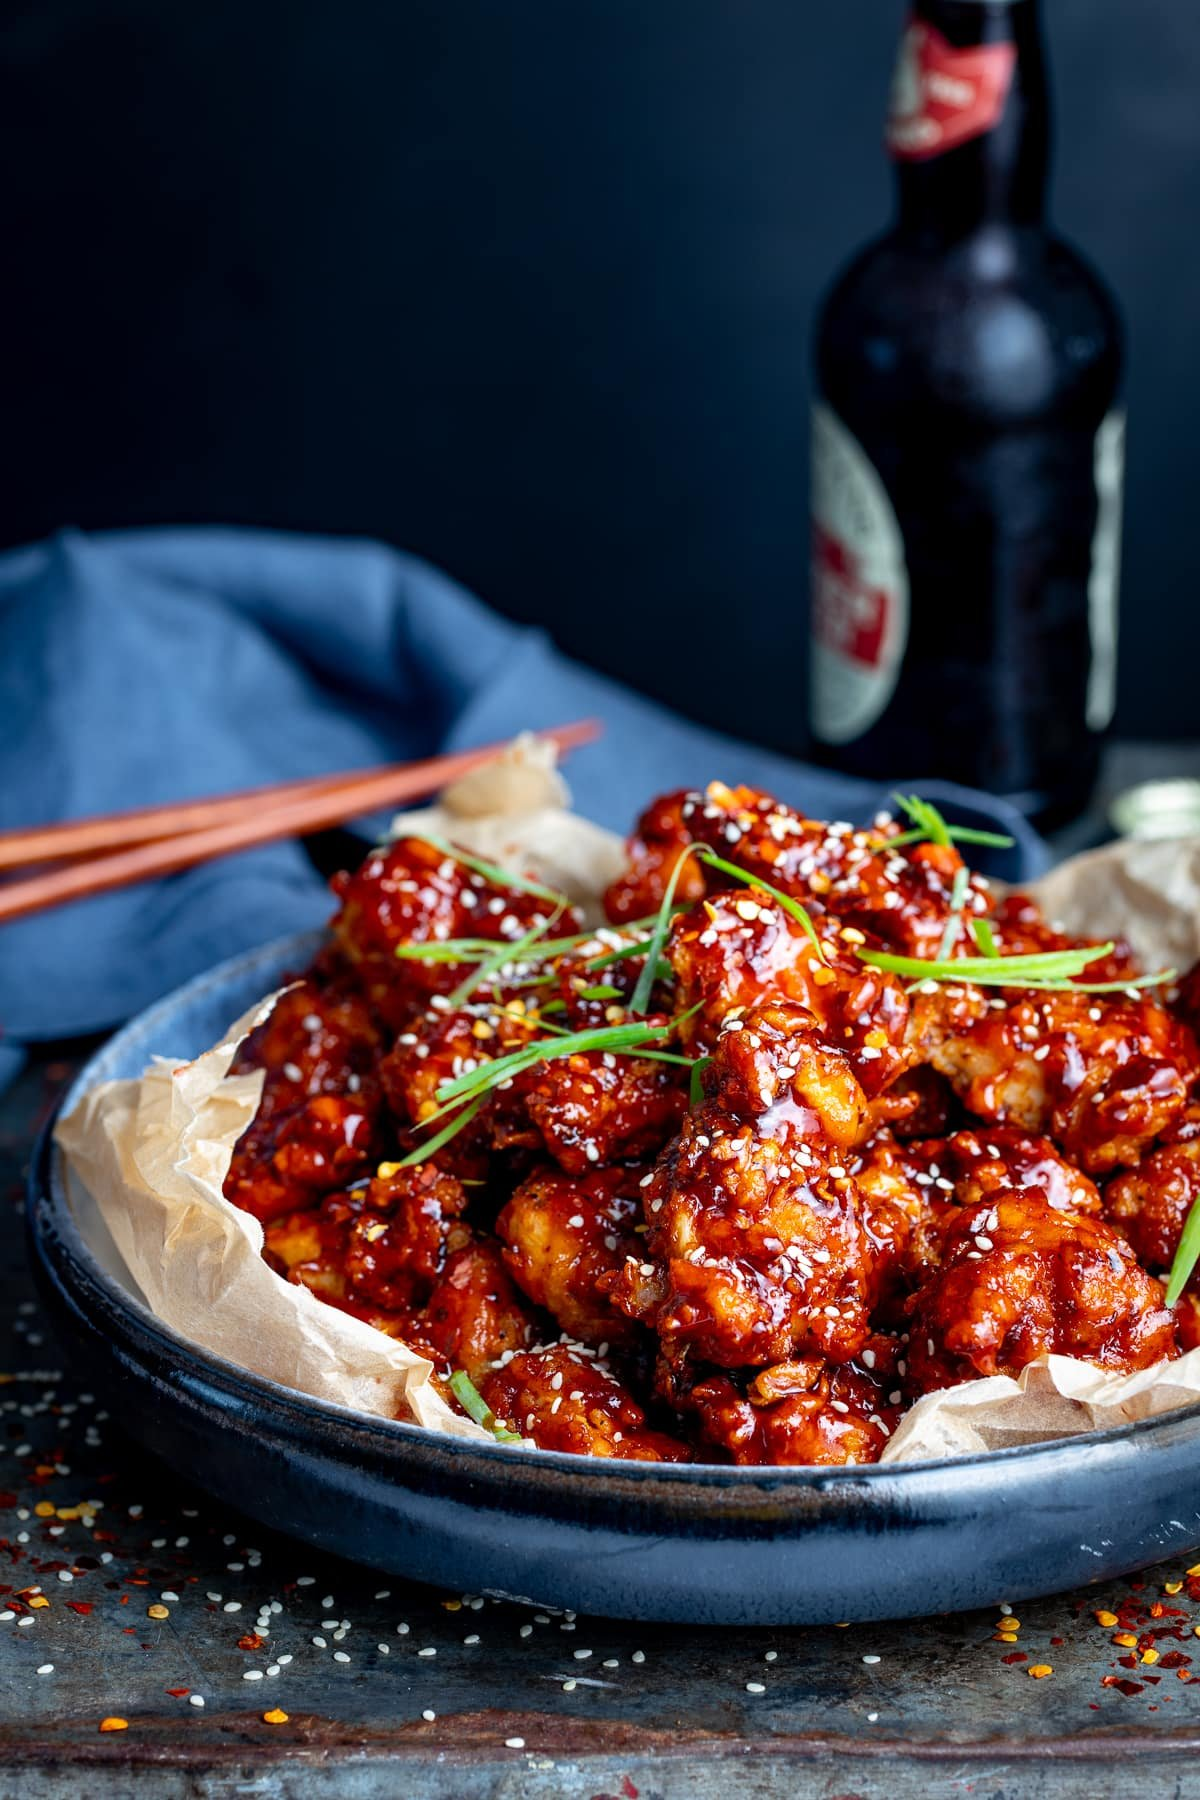 Korean fried chicken in a blue bowl against a dark background. Dark bottle and chopsticks in the background.